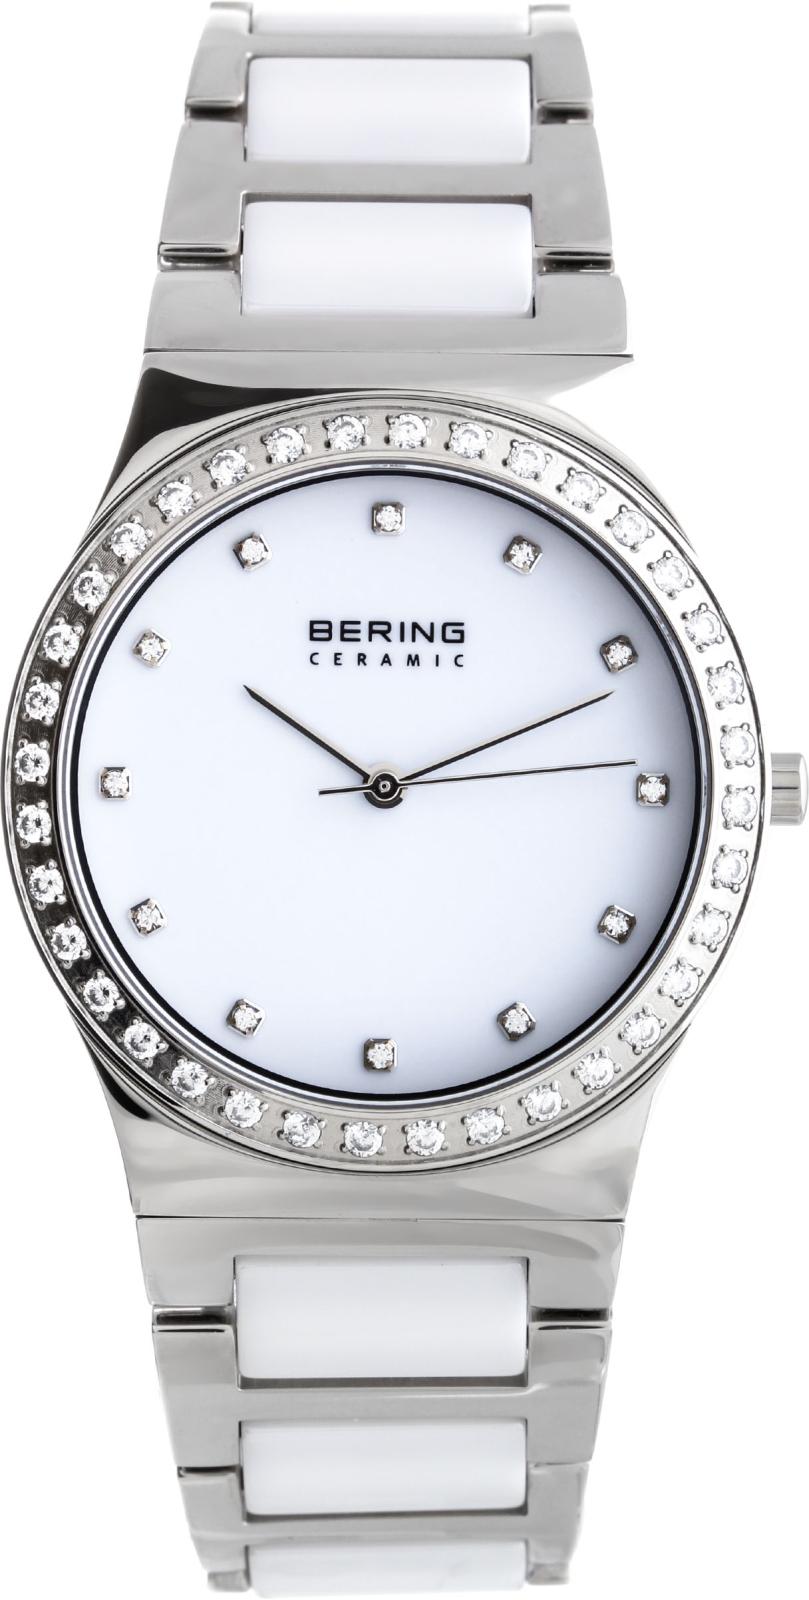 Bering Ceramic 32435-754Наручные часы<br>Датские часы Bering Ceramic 32435-754<br><br>Пол: Женские<br>Страна-производитель: Дания<br>Механизм: Кварцевый<br>Материал корпуса: Сталь<br>Материал ремня/браслета: Сталь+керамика<br>Водозащита, диапазон: 20 - 100 м<br>Стекло: Сапфировое<br>Толщина корпуса: None<br>Стиль: Классика